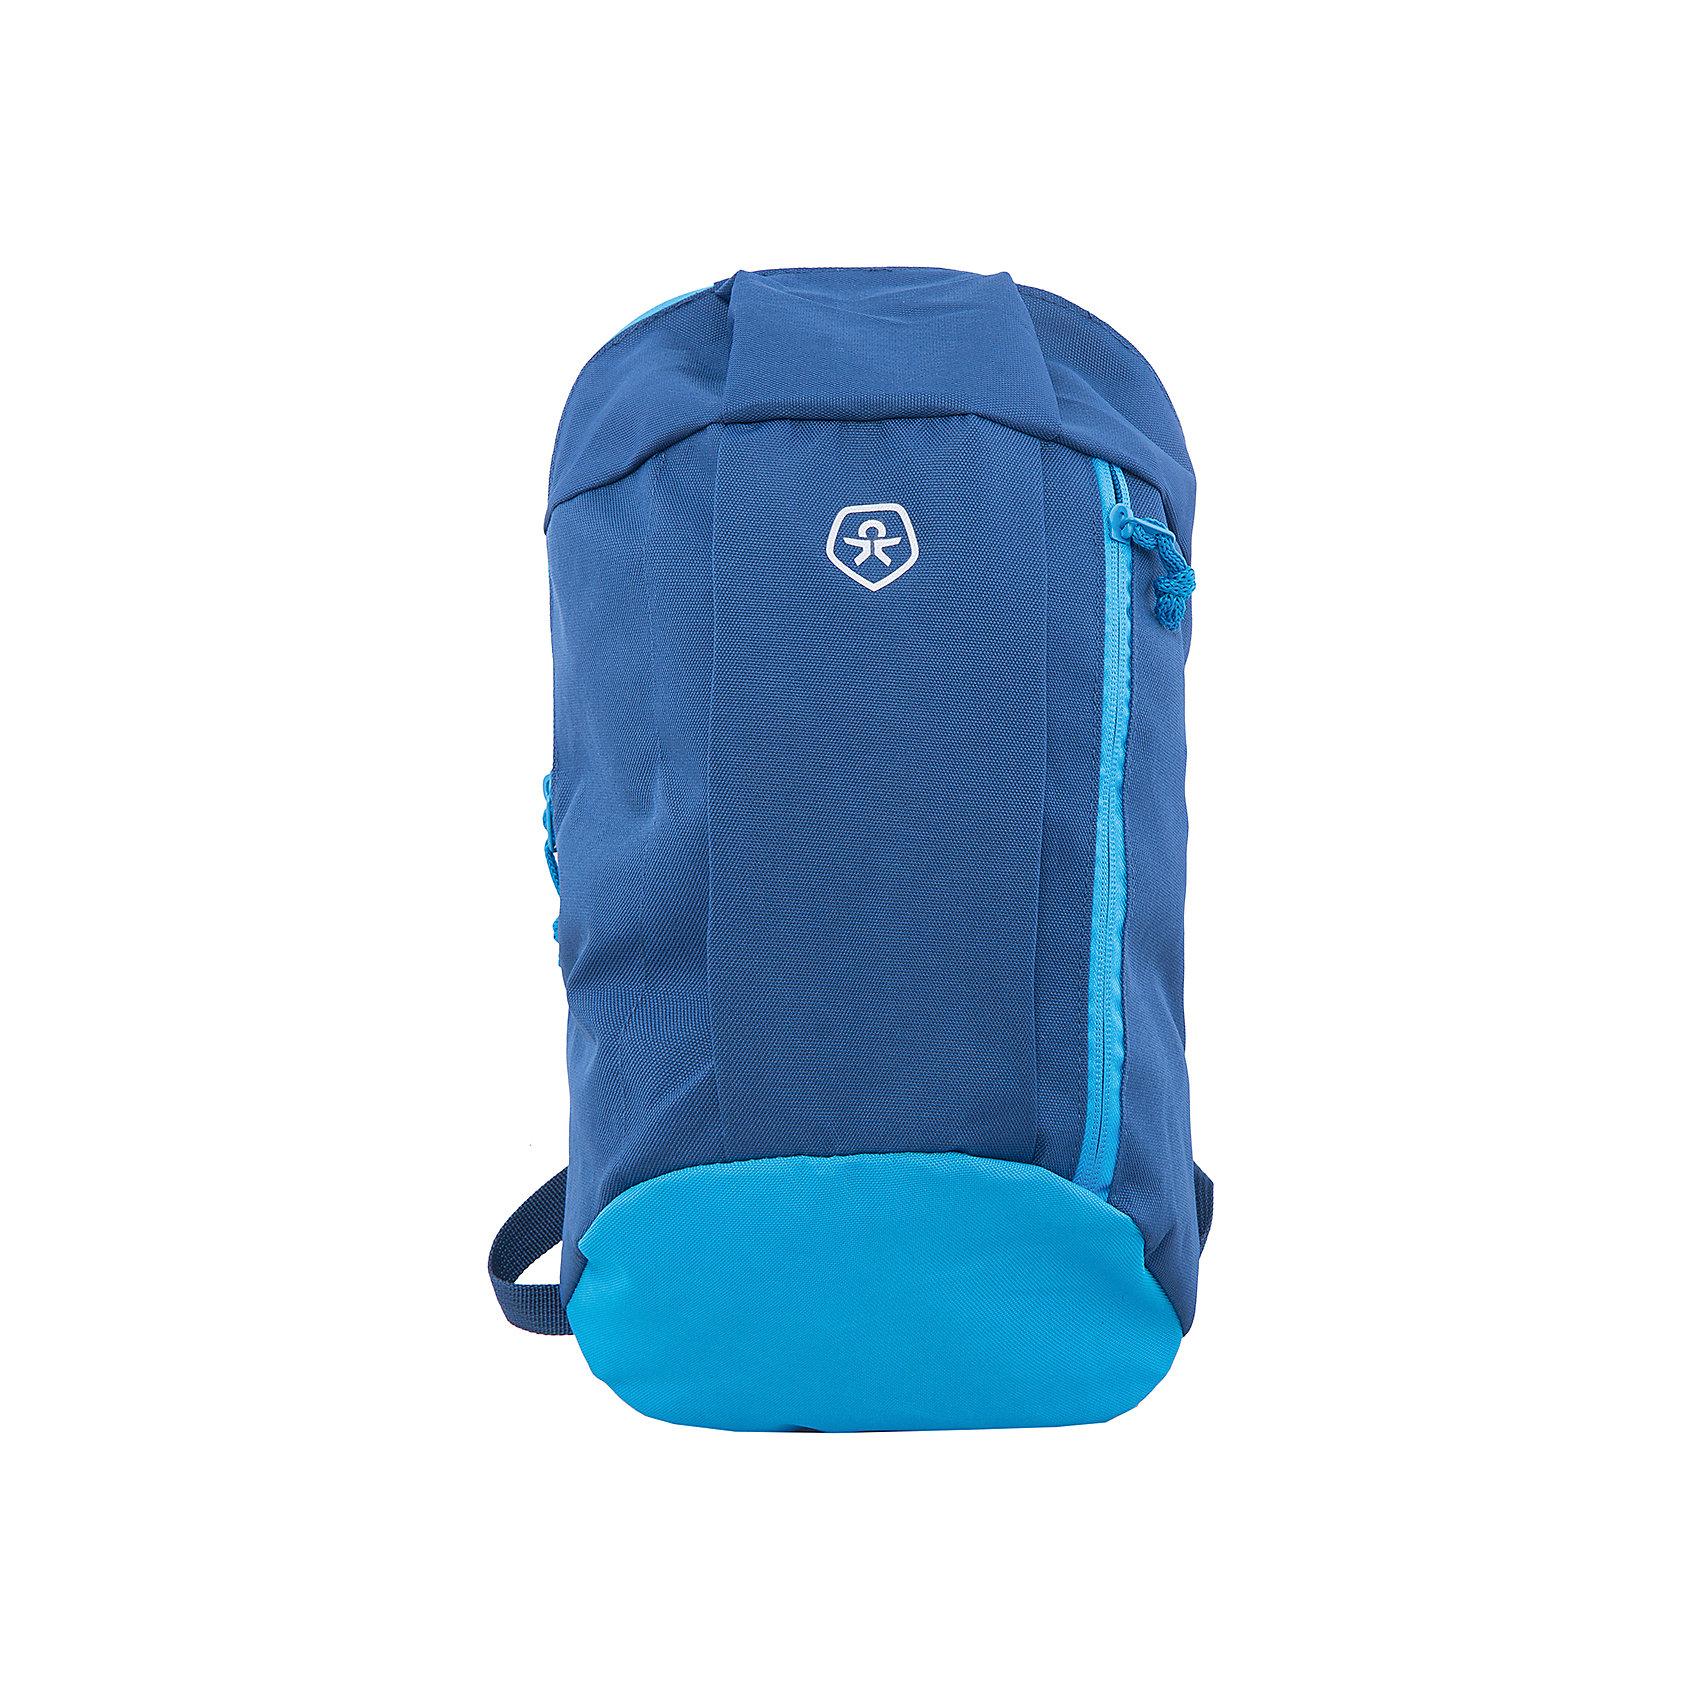 Рюкзак  Color KidsАксессуары<br>Характеристики товара:<br><br>• цвет: голубой<br>• состав: 100 % полиэстер<br>• размер рюкзака: 31х40х20<br>• мягкая спинка<br>• регулируемые лямки<br>• светоотражающие детали<br>• спортивный<br>• логотип<br>• страна бренда: Дания<br><br>Такой удобный рюкзак сделан из прочного и износостойкого полиэстера, он обеспечит ребенку удобство при ношении. Он комфортно сидит по спине и позволяет поместить в себя необходимые вещи. Очень стильно смотрится.<br><br>Рюкзак от датского бренда Color Kids (Колор кидз) можно купить в нашем интернет-магазине.<br><br>Ширина мм: 227<br>Глубина мм: 11<br>Высота мм: 226<br>Вес г: 350<br>Цвет: голубой<br>Возраст от месяцев: 48<br>Возраст до месяцев: 144<br>Пол: Унисекс<br>Возраст: Детский<br>Размер: one size<br>SKU: 5443283